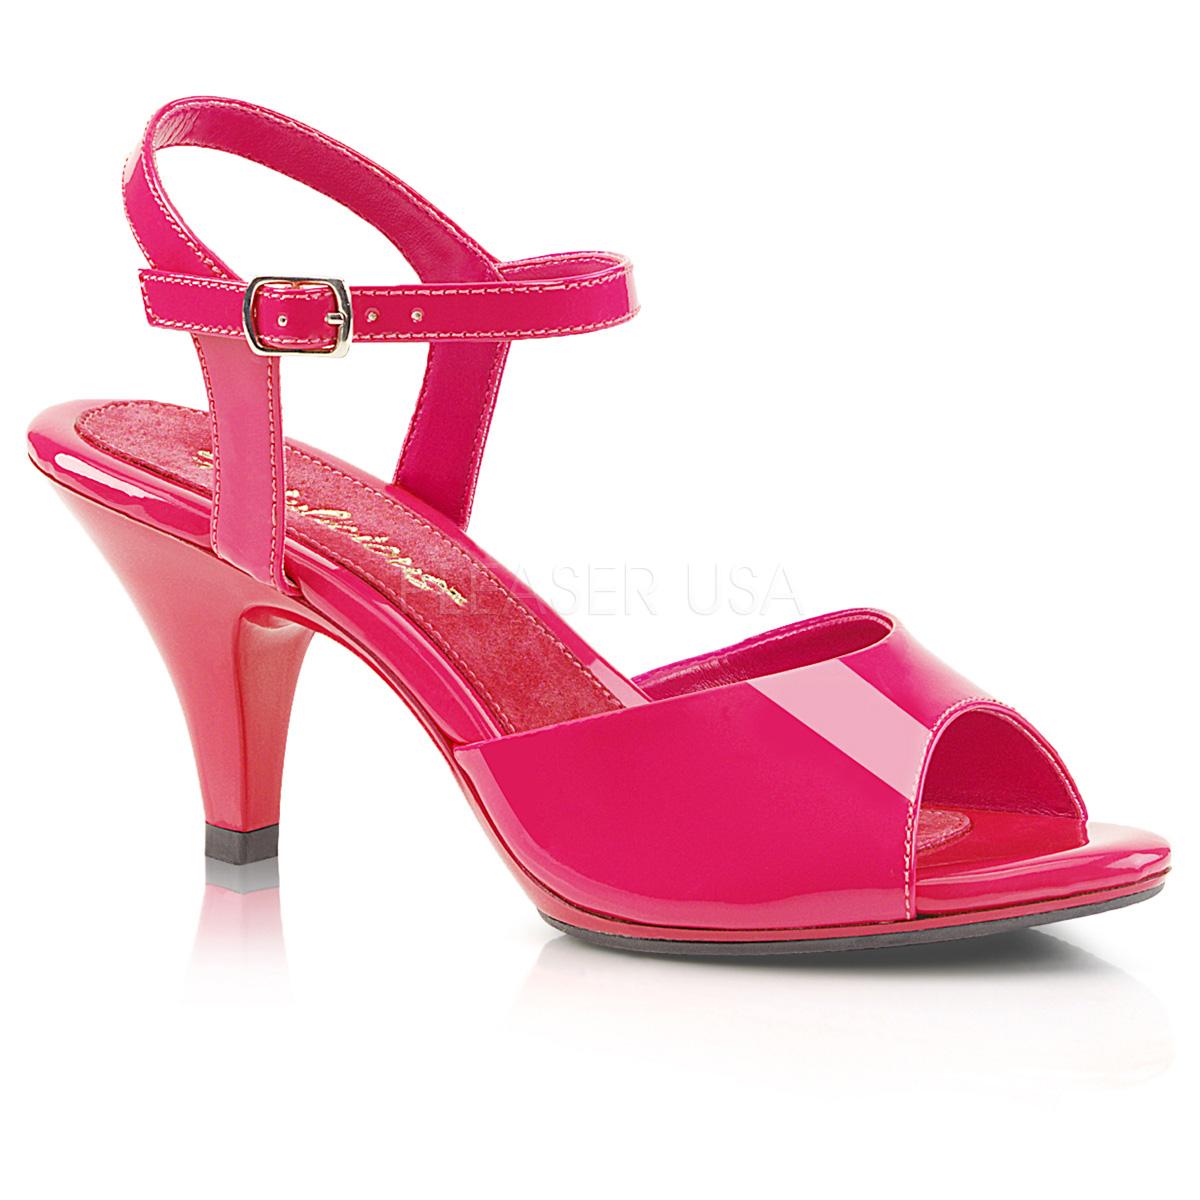 rose verni 8 cm belle 309 sandales femme a talon boutique en ligne. Black Bedroom Furniture Sets. Home Design Ideas